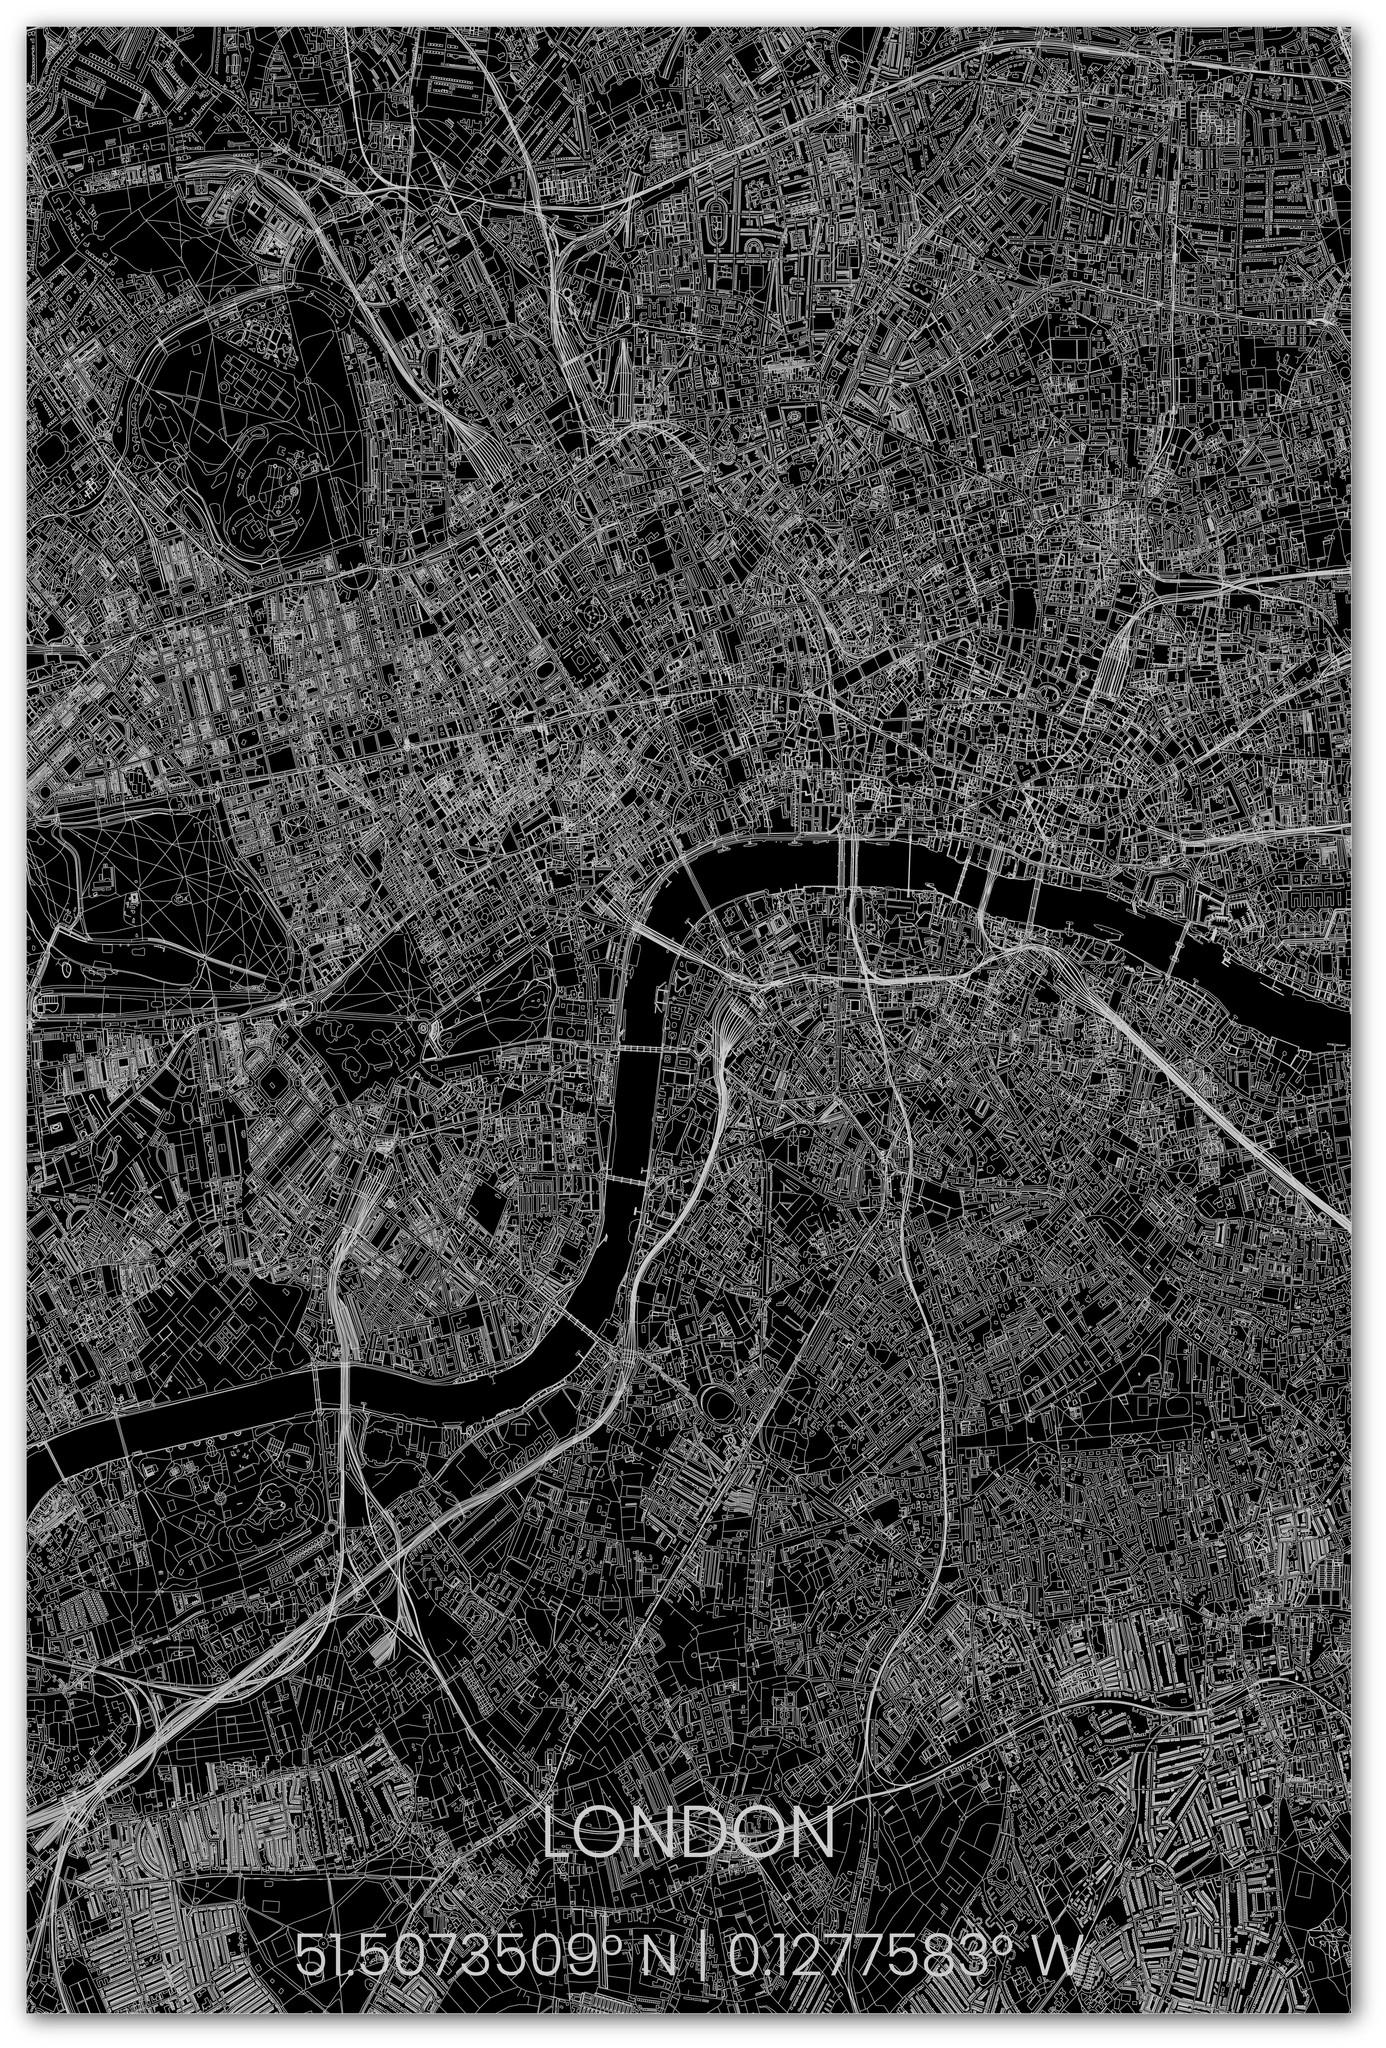 Stadsplattegrond Londen XL-3